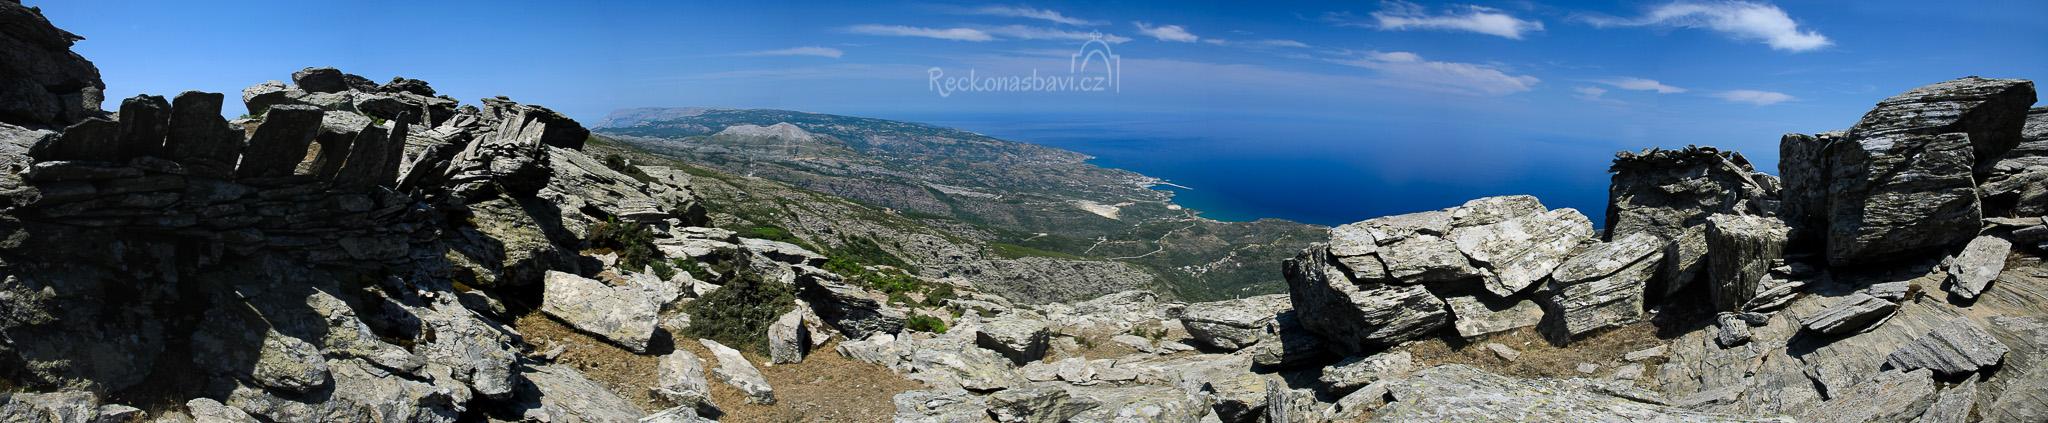 stín! to je čas na svačinu s výhledem na přístav Evdilos